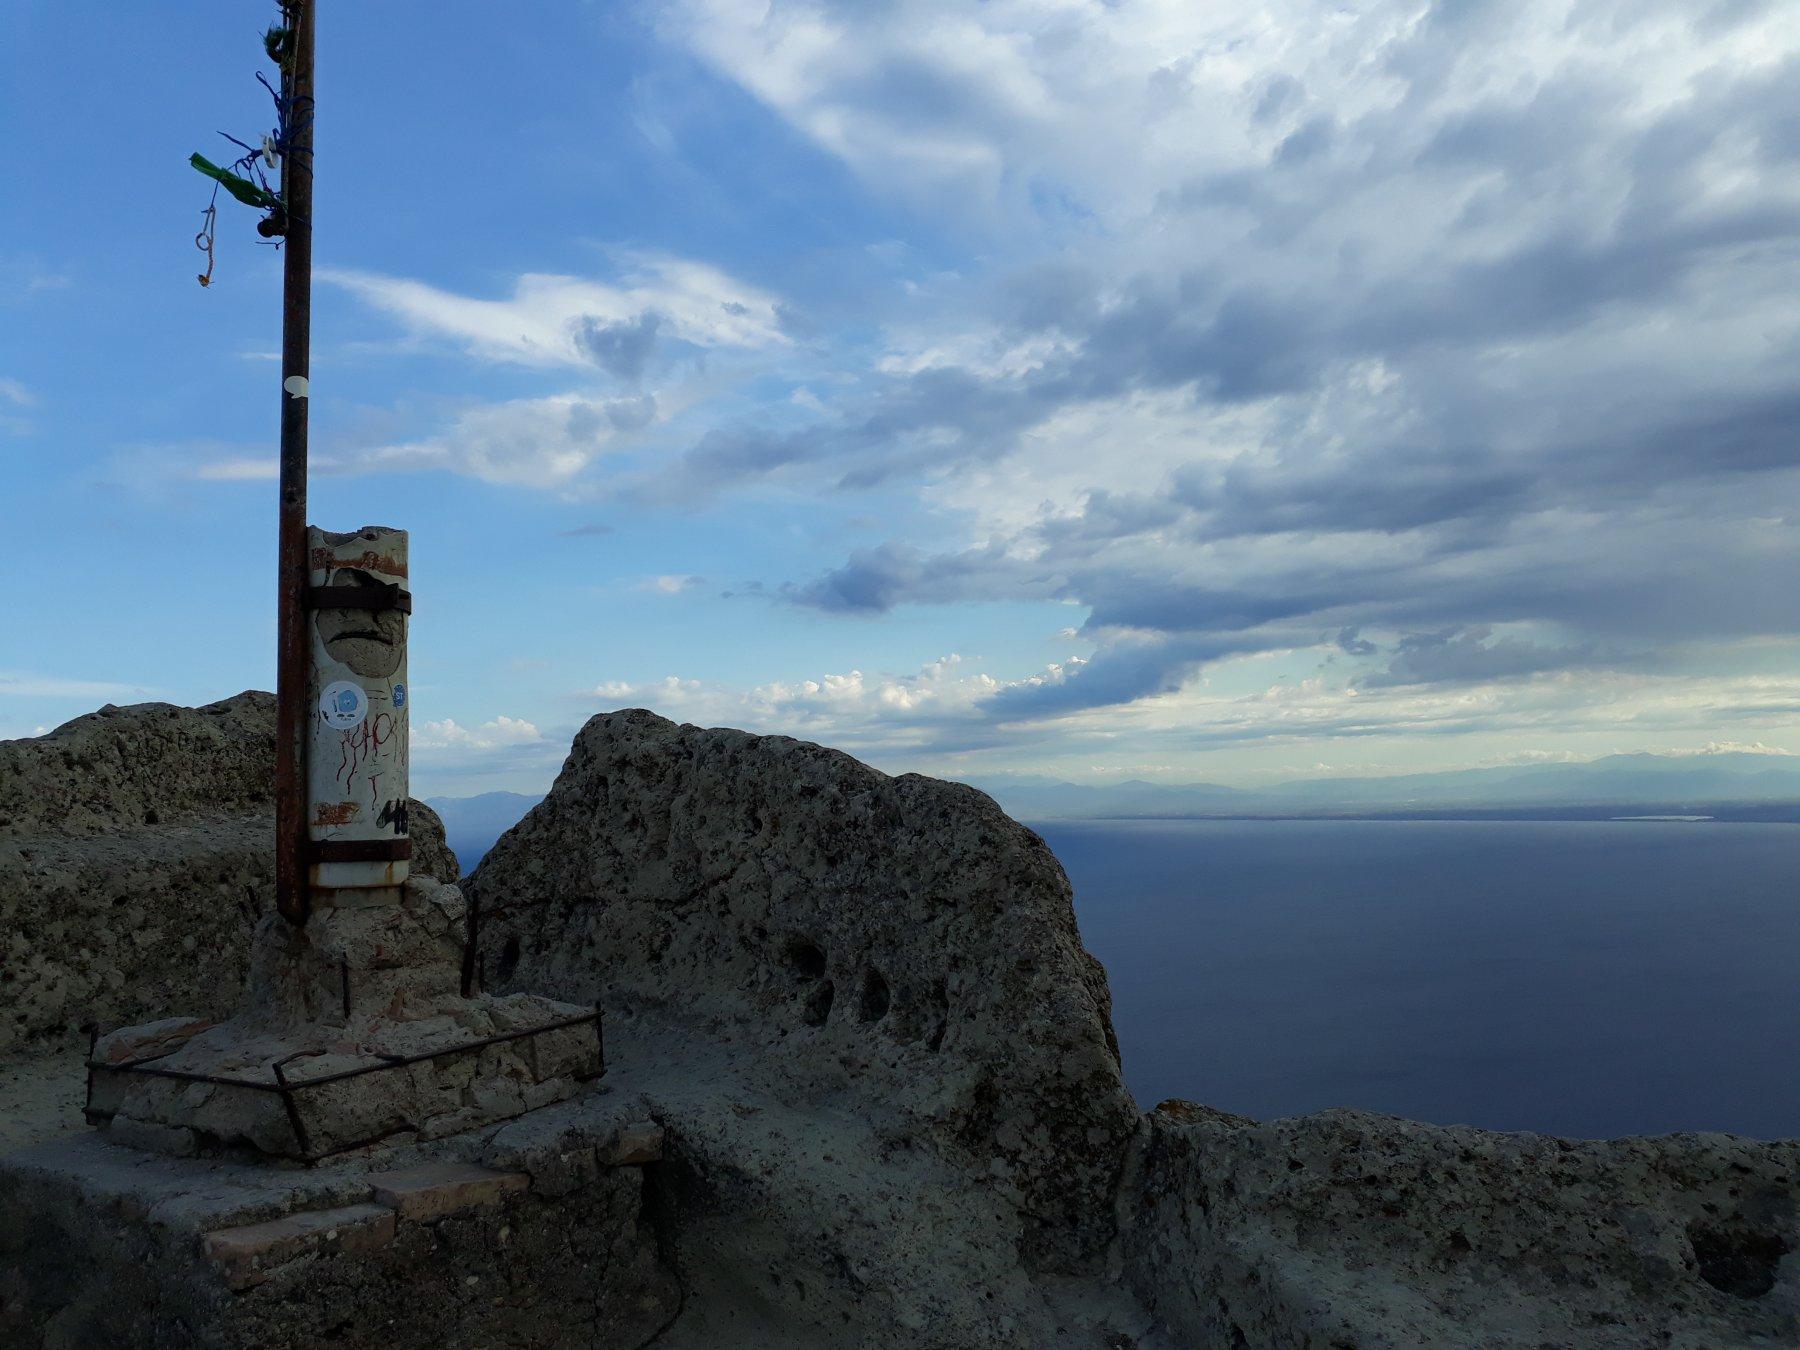 La cima del Monte Epomeo